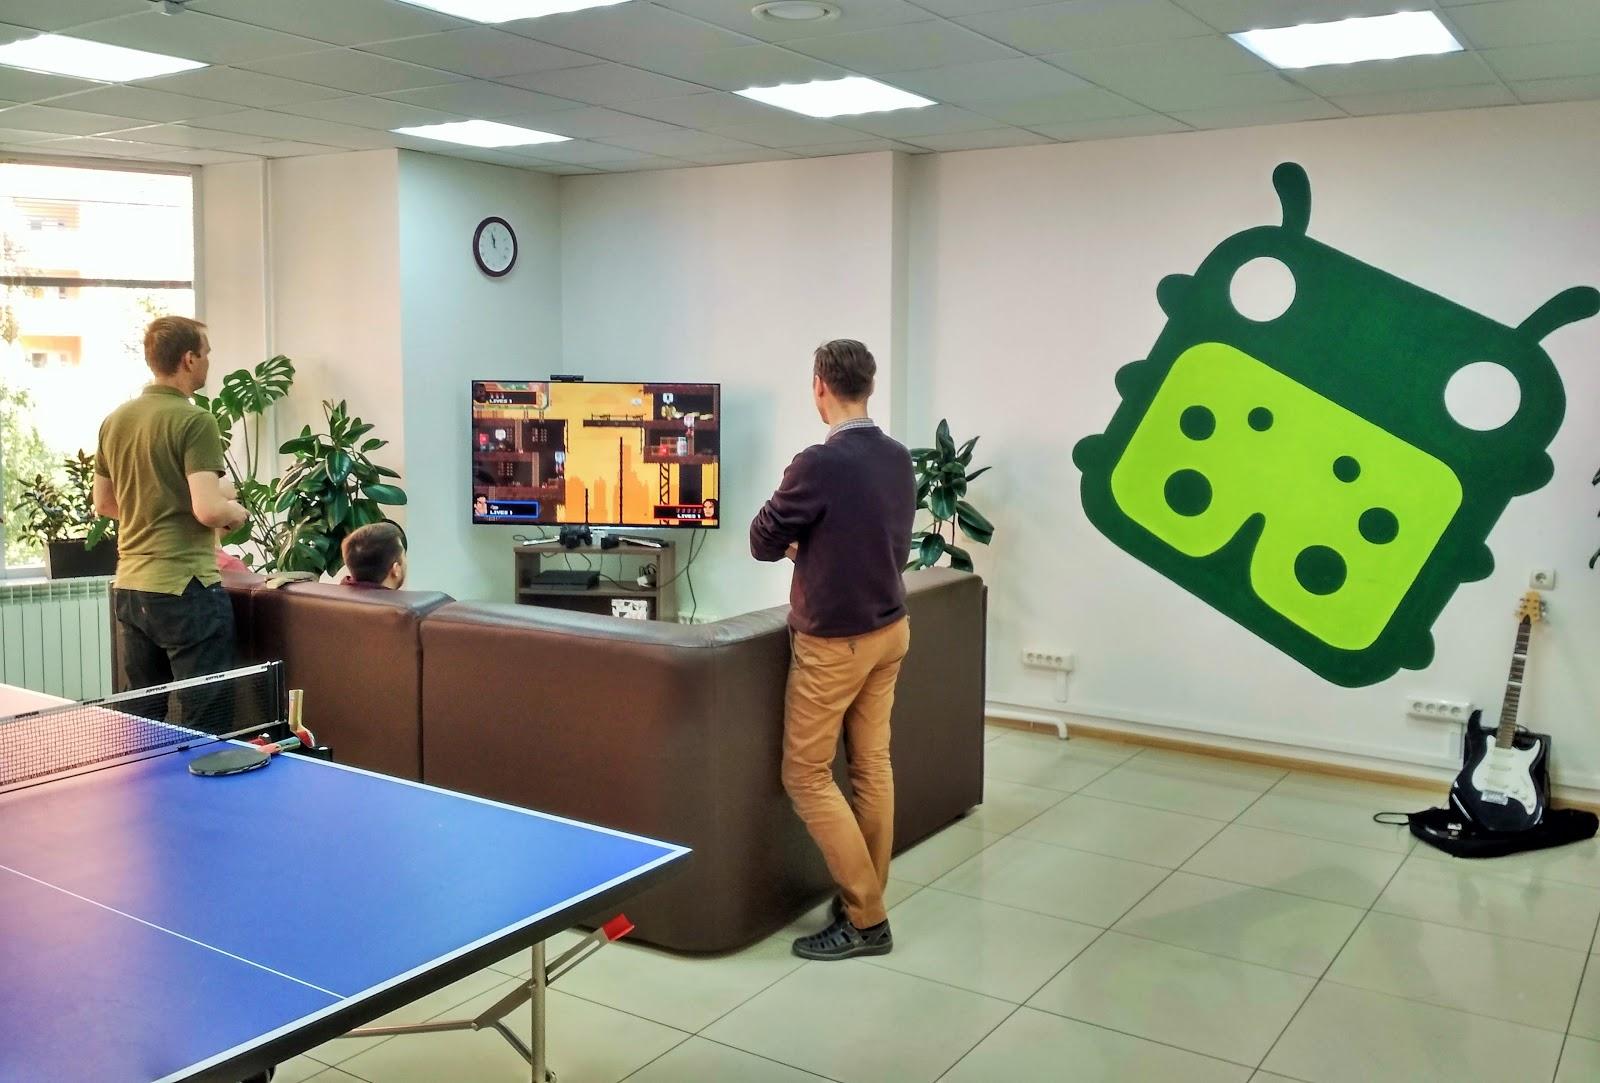 Комфортный офис — помогает работать или мешает и отвлекает? Ответят Sidenis, Alternativa Games и FunBox - 14